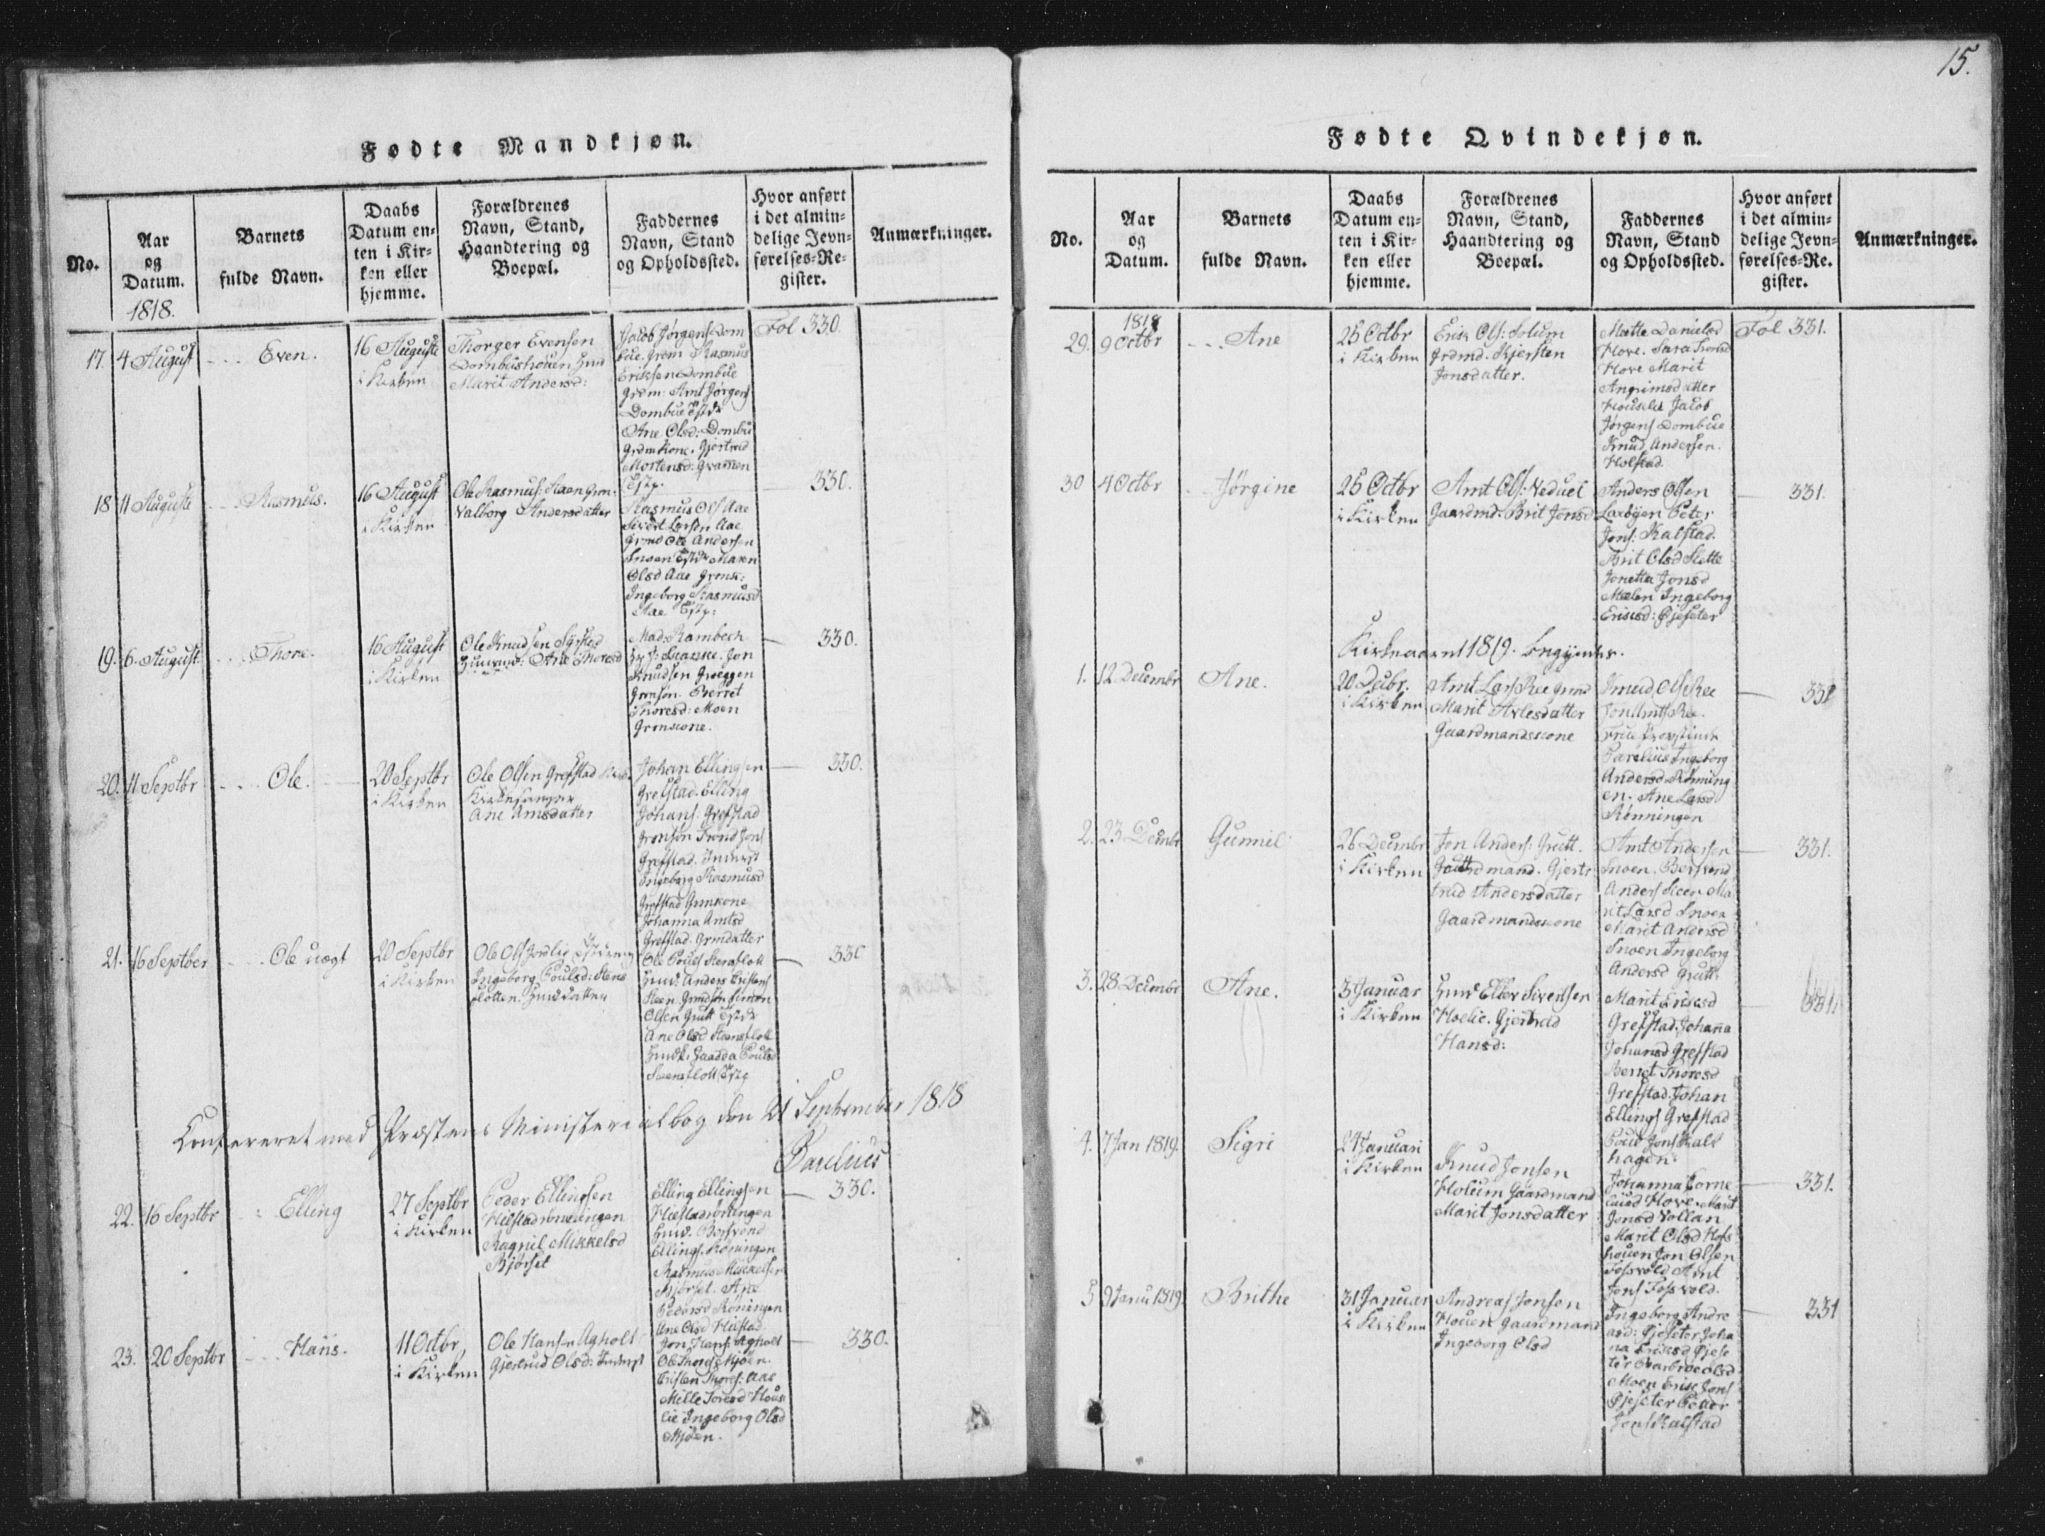 SAT, Ministerialprotokoller, klokkerbøker og fødselsregistre - Sør-Trøndelag, 672/L0862: Klokkerbok nr. 672C01, 1816-1831, s. 15